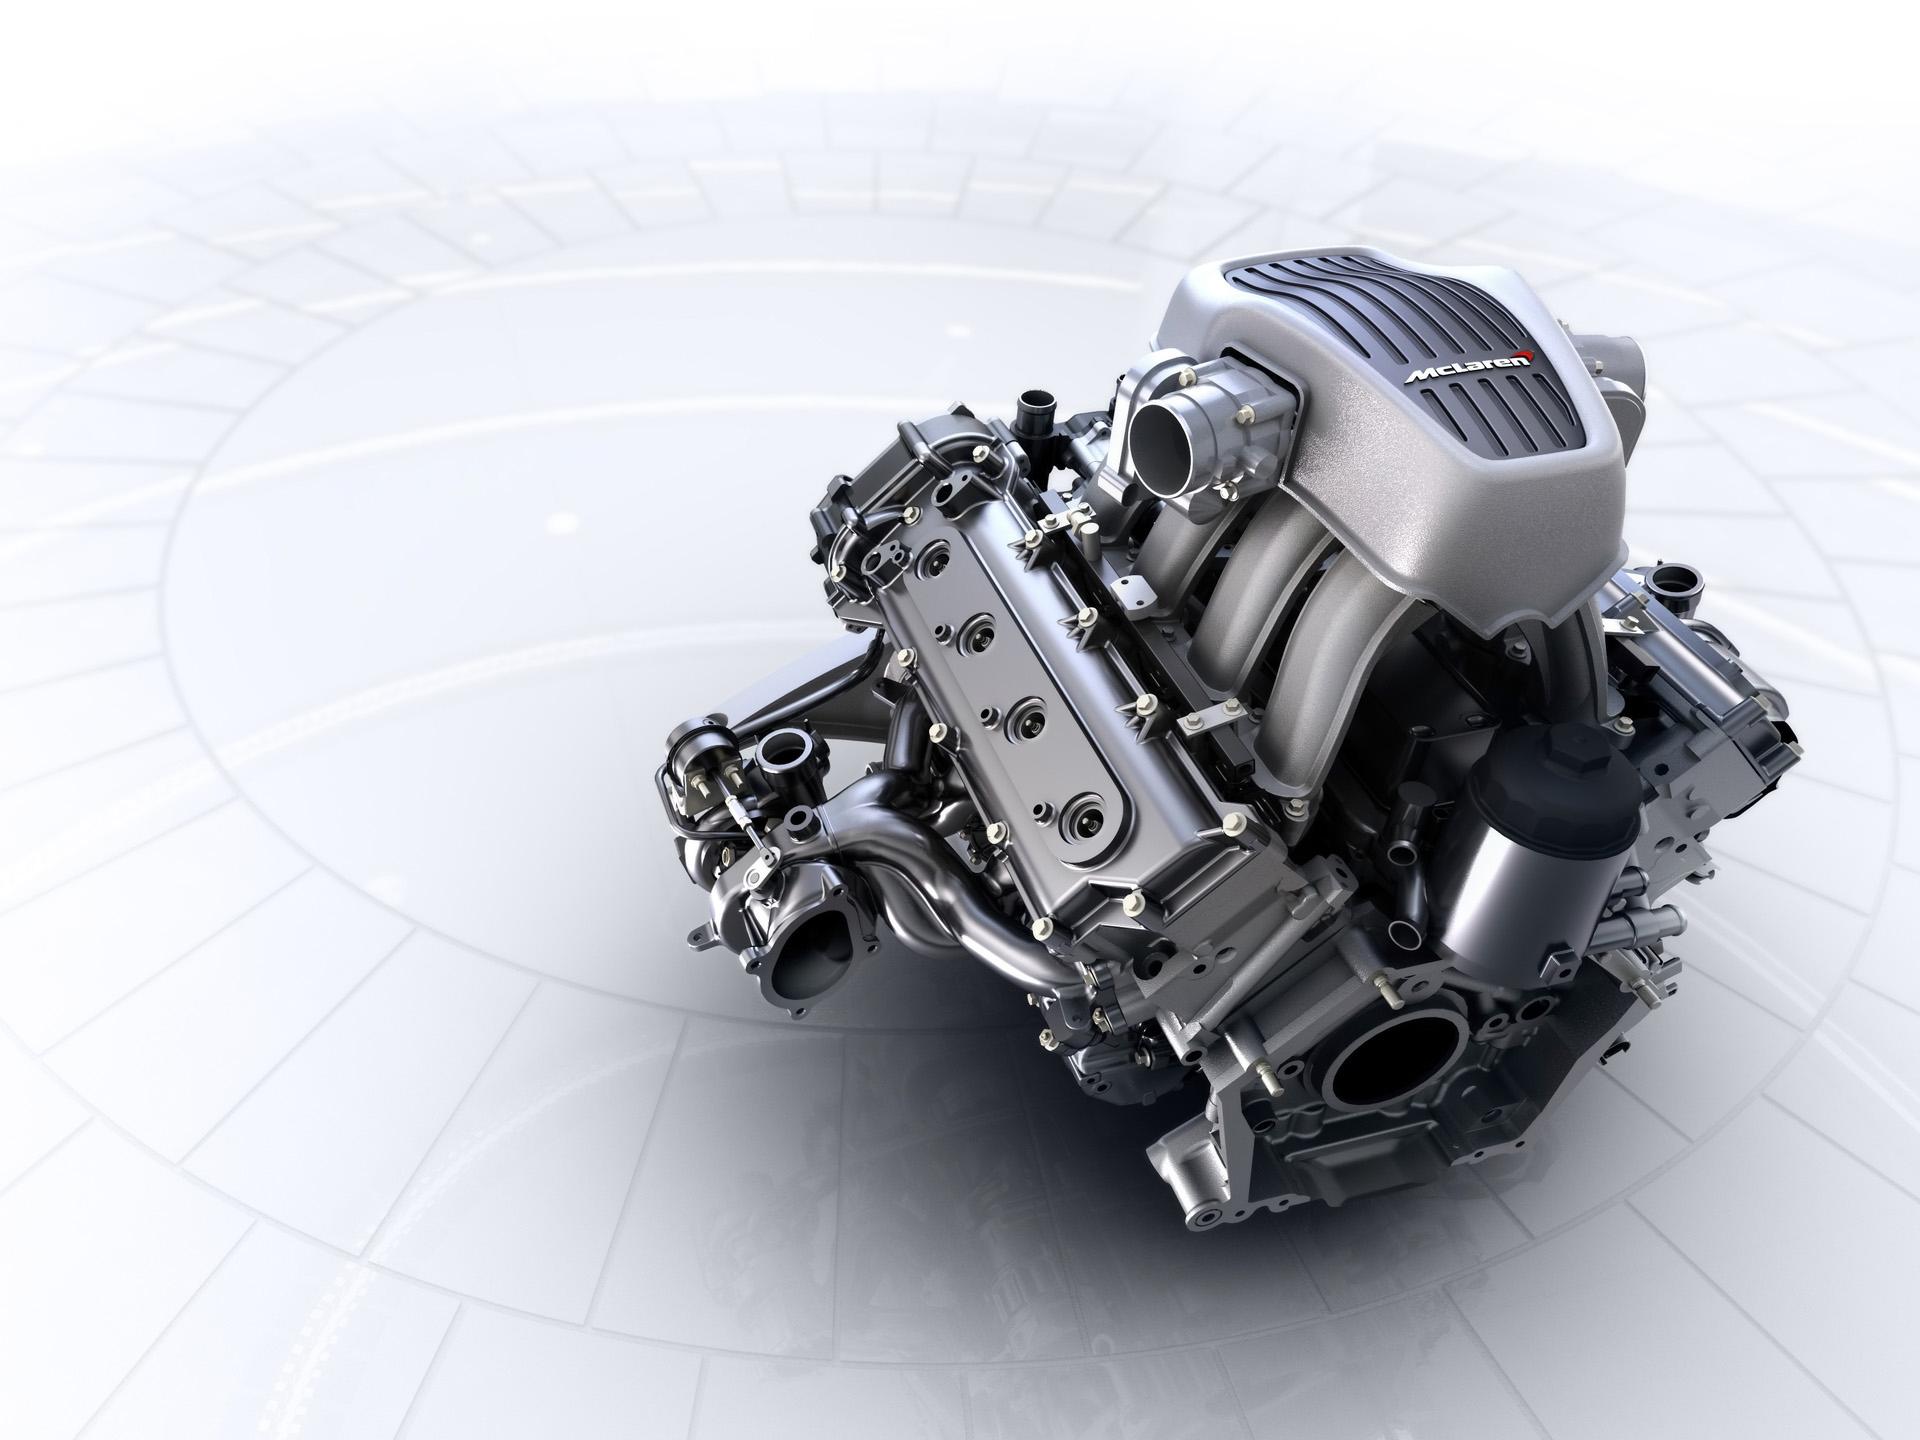 McLaren - engine / moteur - M838T from MP4-12C